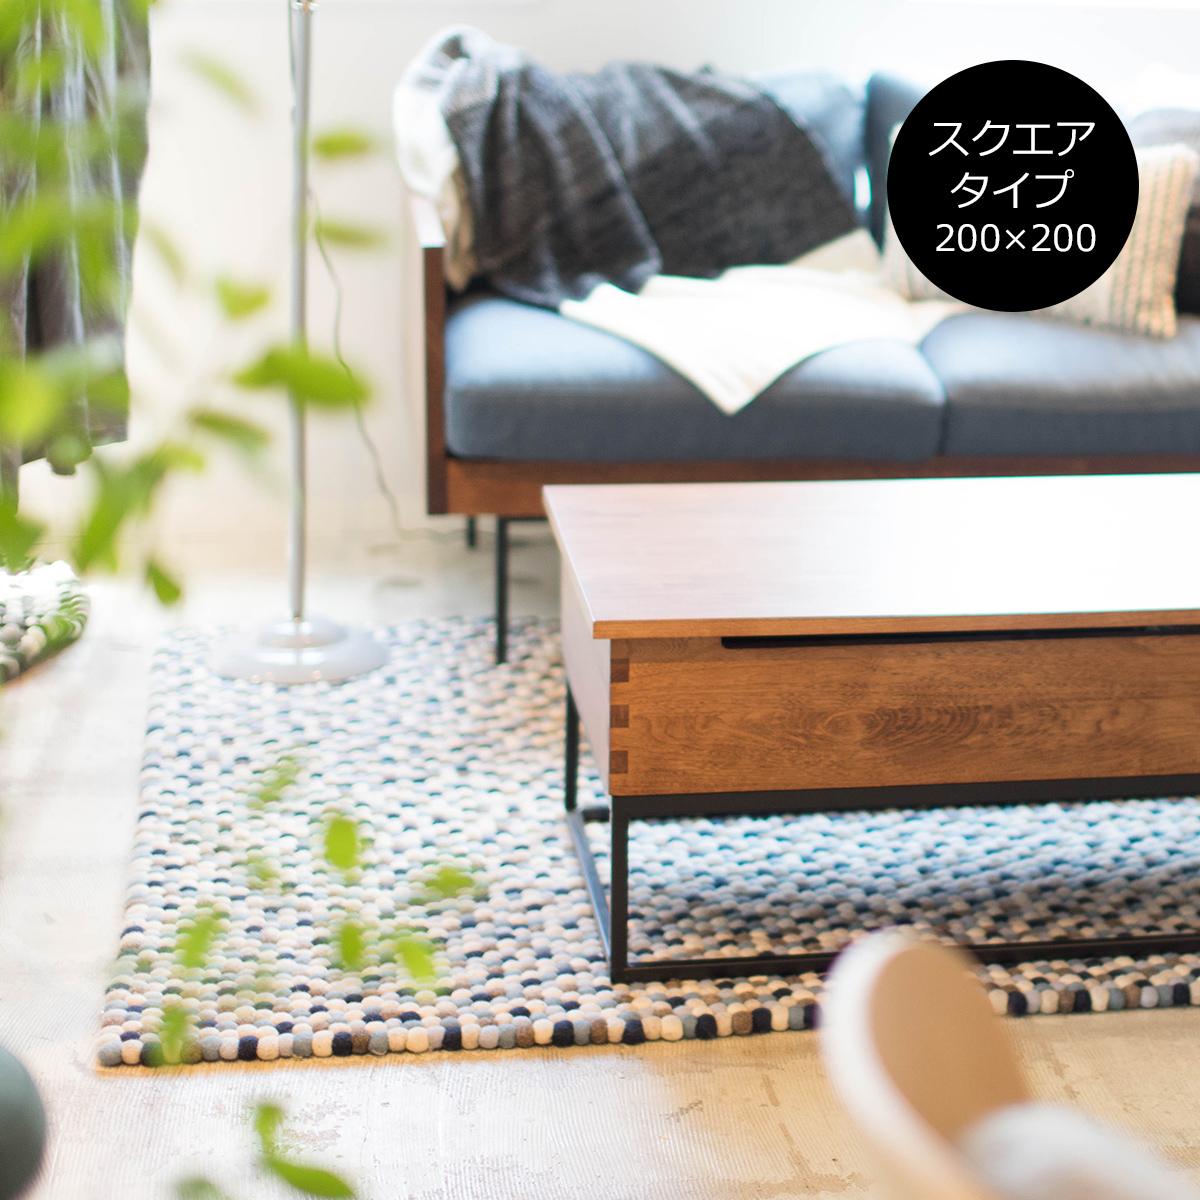 ラグ ラグマット [b2c フェルトボール ラグ スクエア 200 x 200 ※サイズオーダー可] 絨毯#SALE_IZ